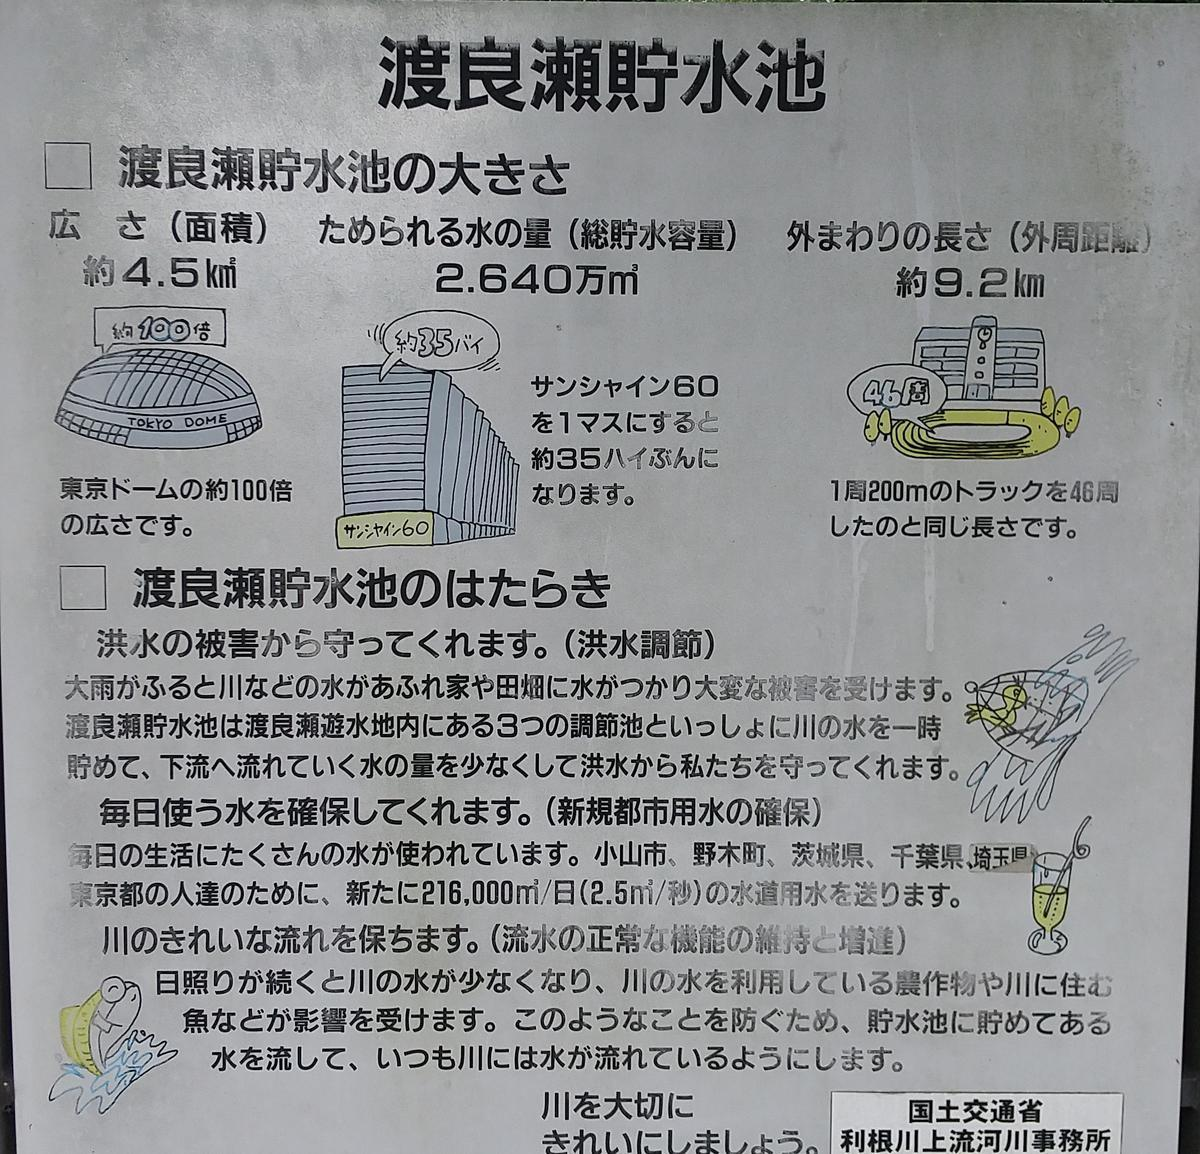 f:id:genta-san:20210605161103j:plain